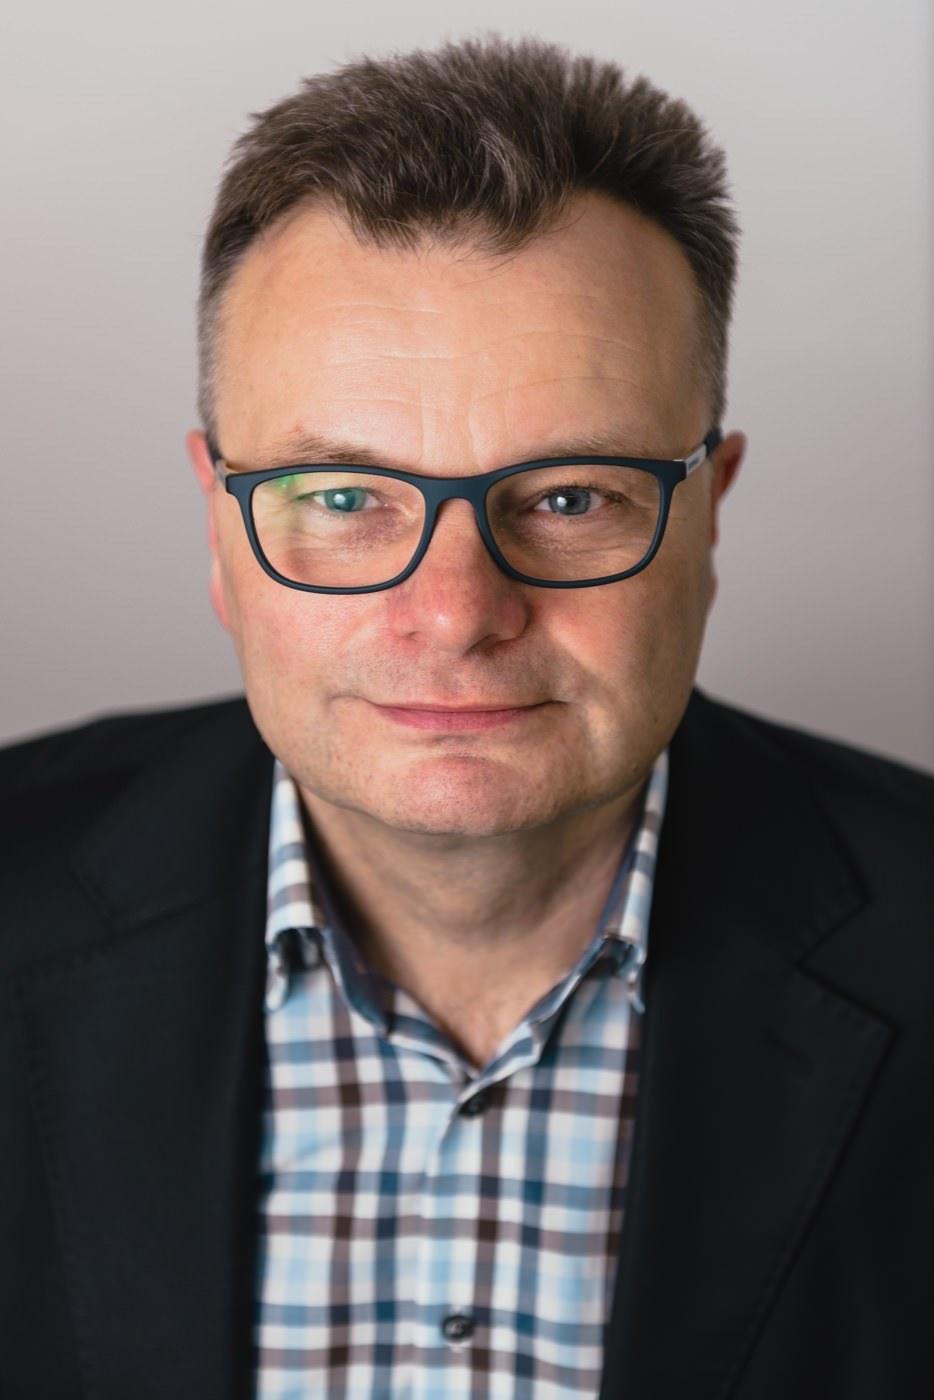 Fotografia biznesowa portret